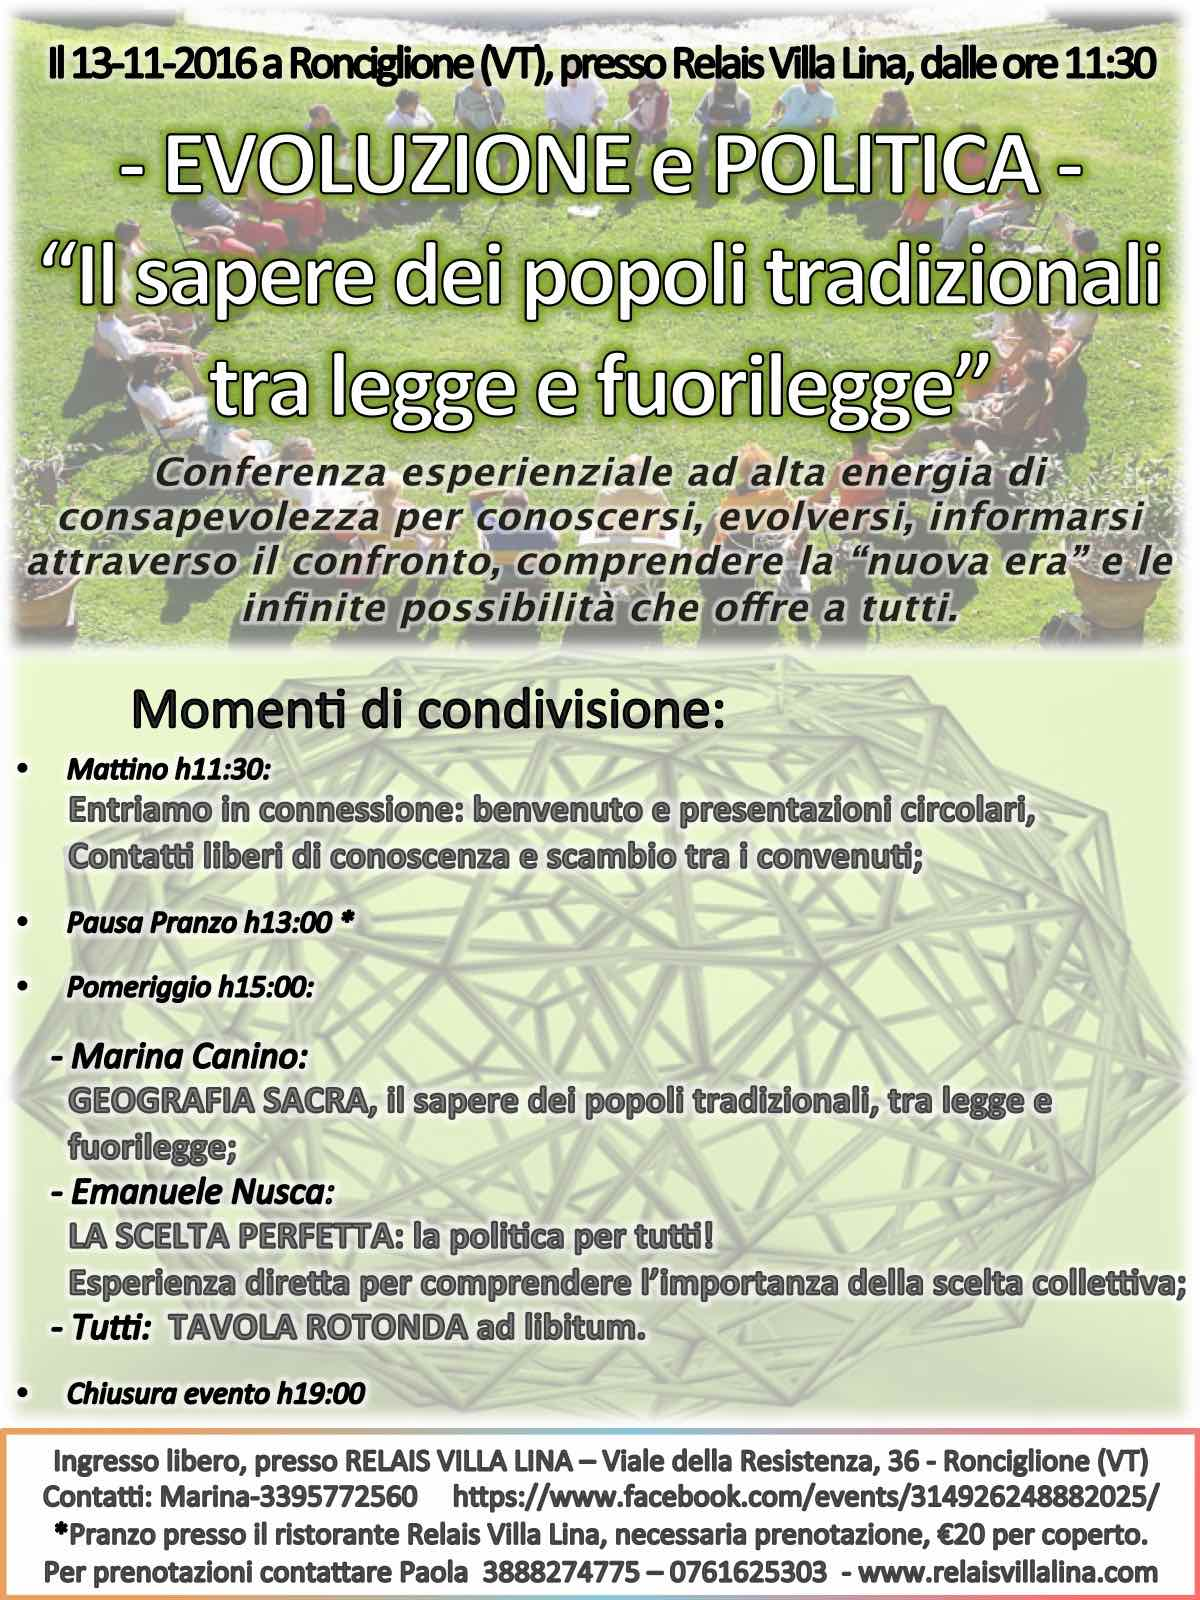 locandina-res-villa-lina-13-11-2016